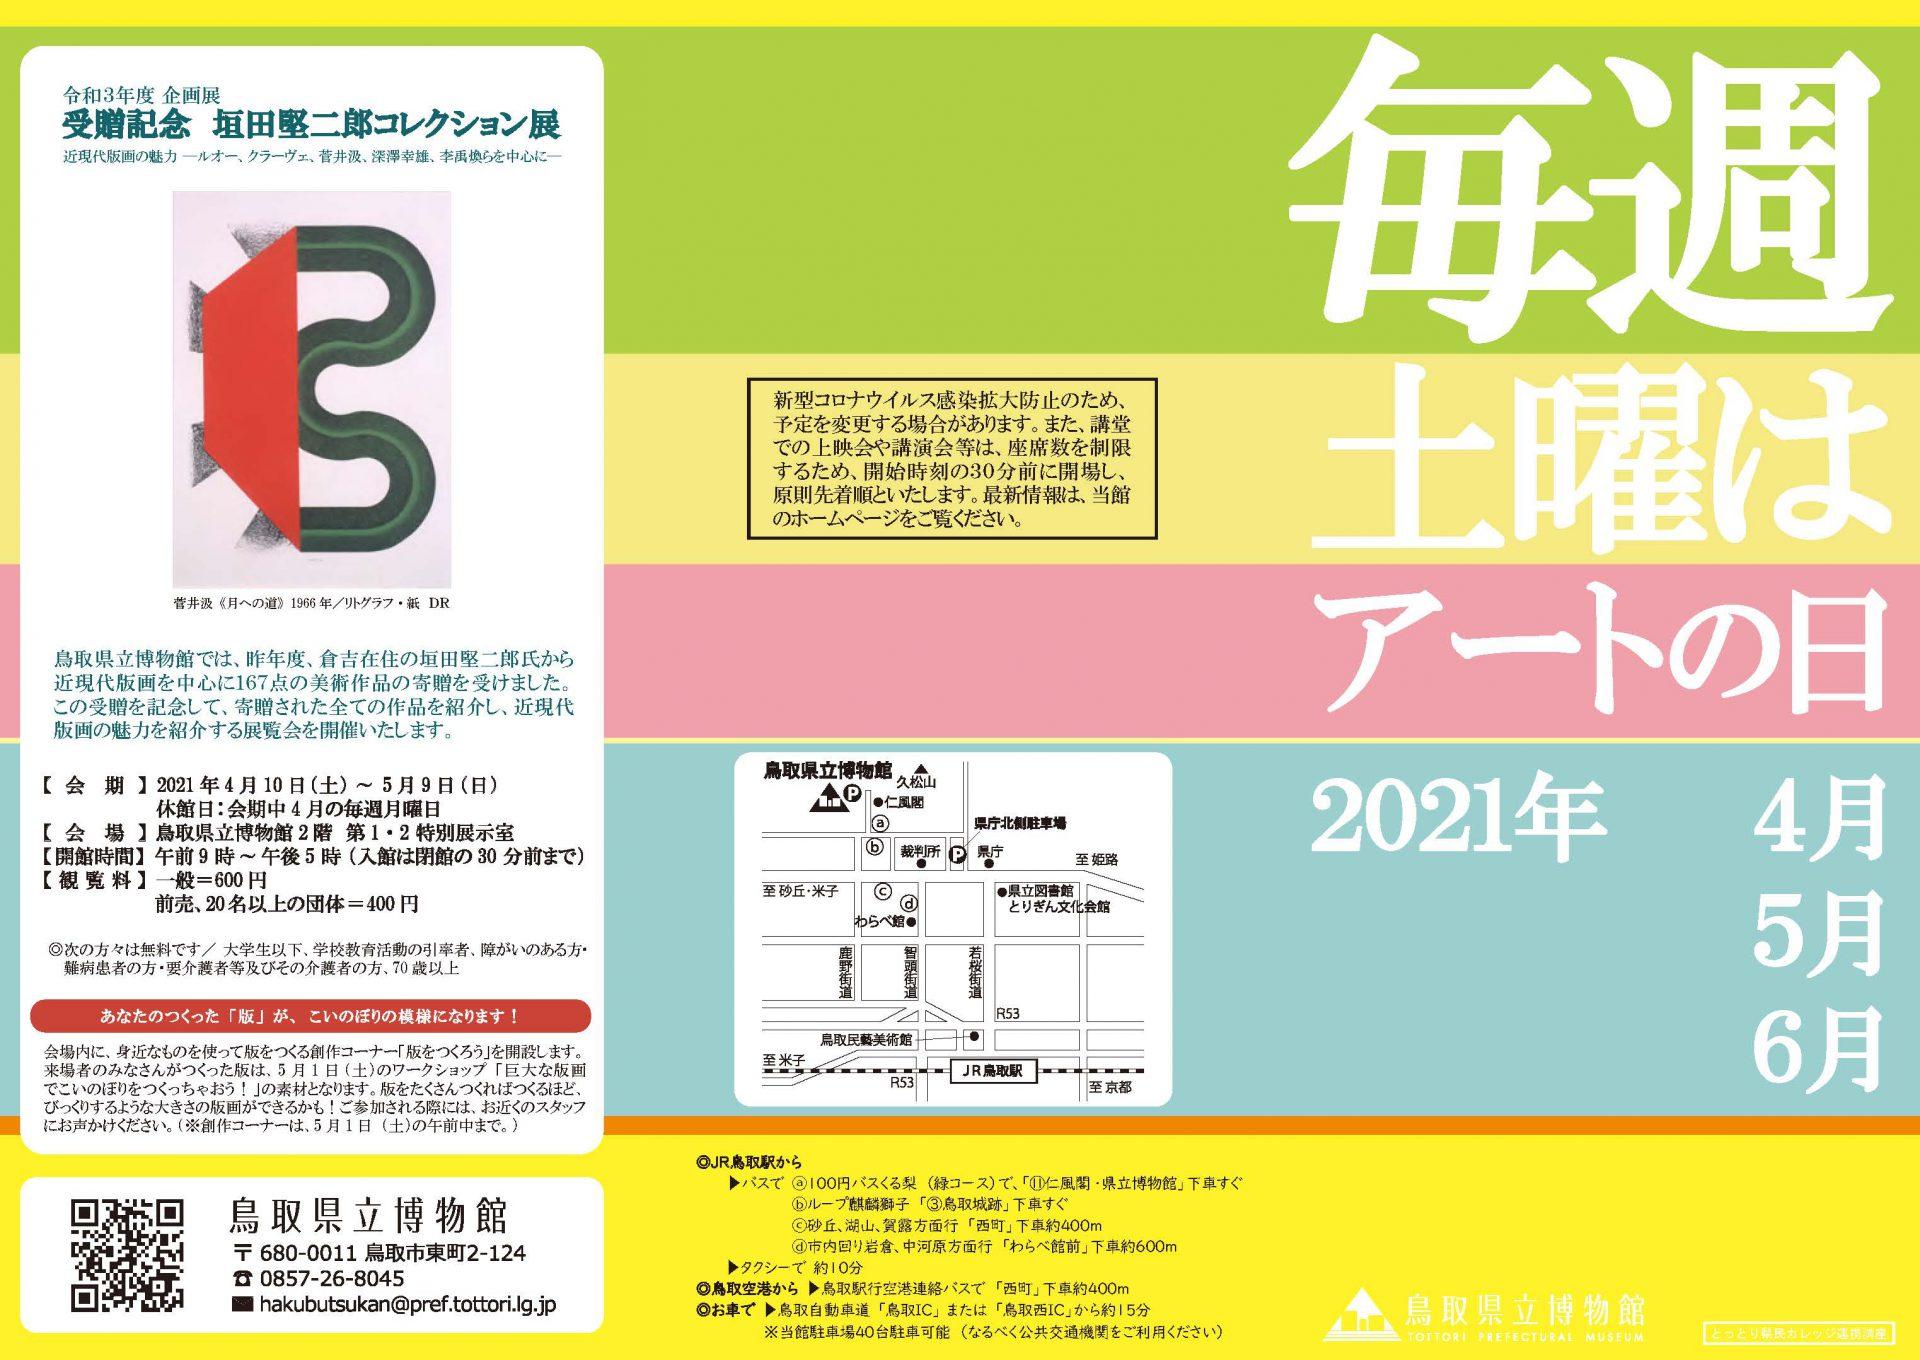 鳥取県立博物館毎週土曜はアートの日2021年春号チラシ